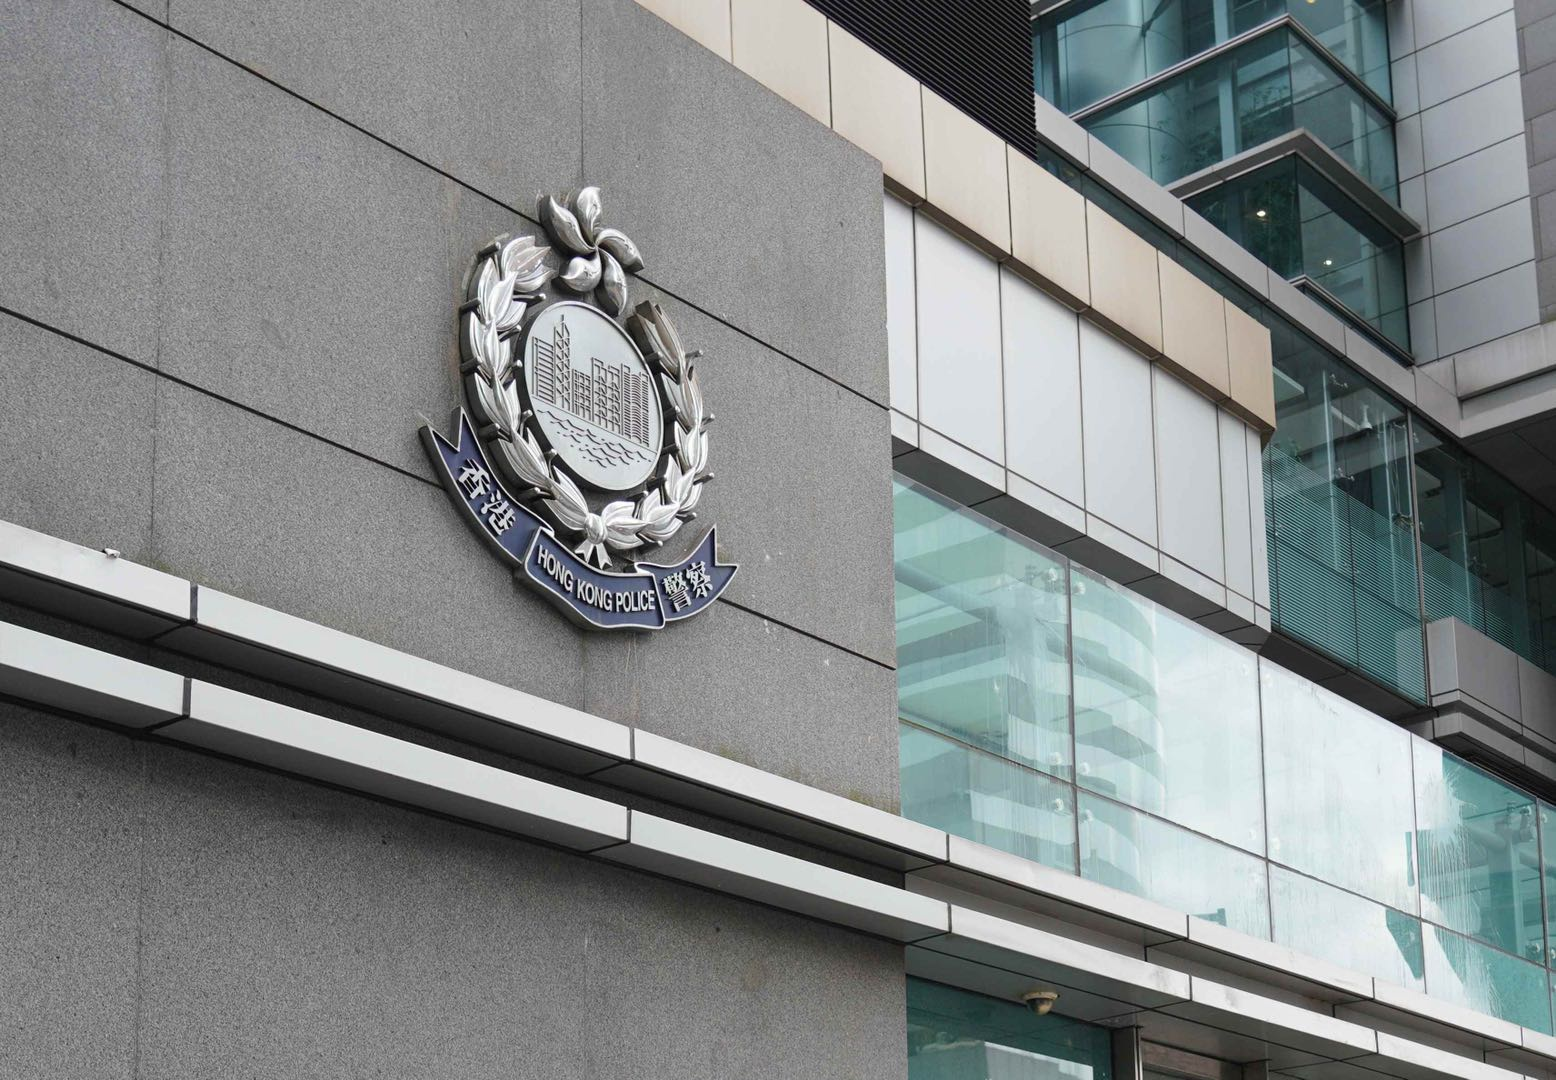 香港警方捣毁一洗黑钱集团 涉案金额5400万港元图片